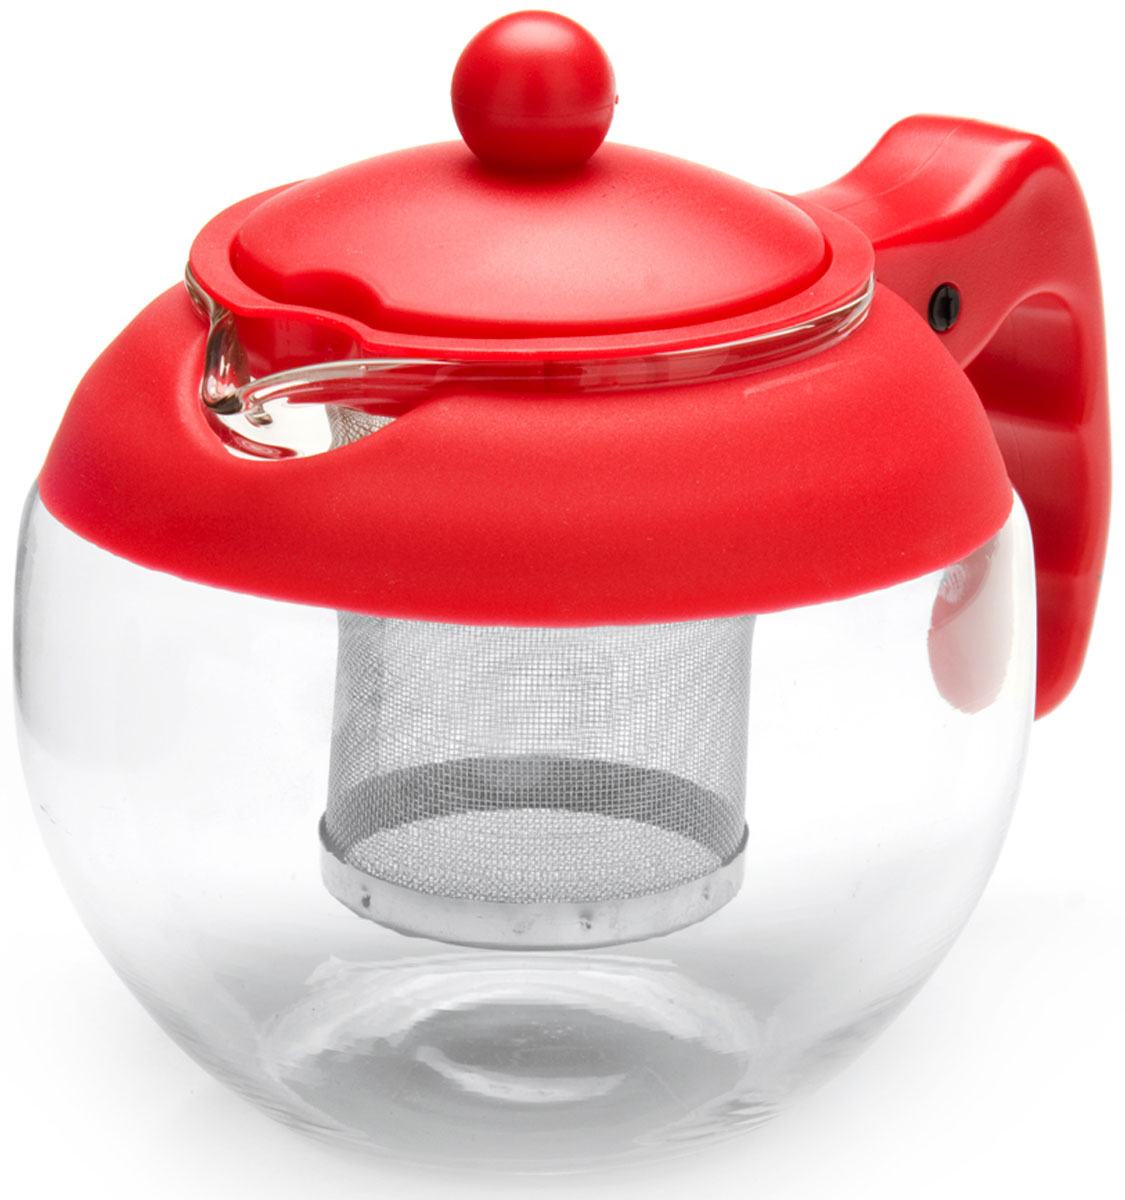 Чайник заварочный Mayer & Boch, с фильтром, цвет: красный, 0,75 л. 26174-154 009312Заварочный чайник Mayer & Boch изготовлен из термостойкого боросиликатного стекла, фильтр выполнен из нержавеющей стали. Изделия из стекла не впитывают запахи, благодаря чему вы всегда получите натуральный, насыщенный вкус и аромат напитков. Заварочный чайник из стекла удобно использовать для повседневного заваривания чая практически любого сорта. Но цветочные, фруктовые, красные и желтые сорта чая лучше других раскрывают свой вкус и аромат при заваривании именно в стеклянных чайниках, а также сохраняют все полезные ферменты и витамины, содержащиеся в чайных листах. Стальной фильтр гарантирует прозрачность и чистоту напитка от чайных листьев, при этом сохранив букет и насыщенность чая.Прозрачные стенки чайника дают возможность насладиться насыщенным цветом заваренного чая. Изящный заварочный чайник Mayer & Boch будет прекрасно смотреться в любом интерьере. Подходит для мытья в посудомоечной машине.